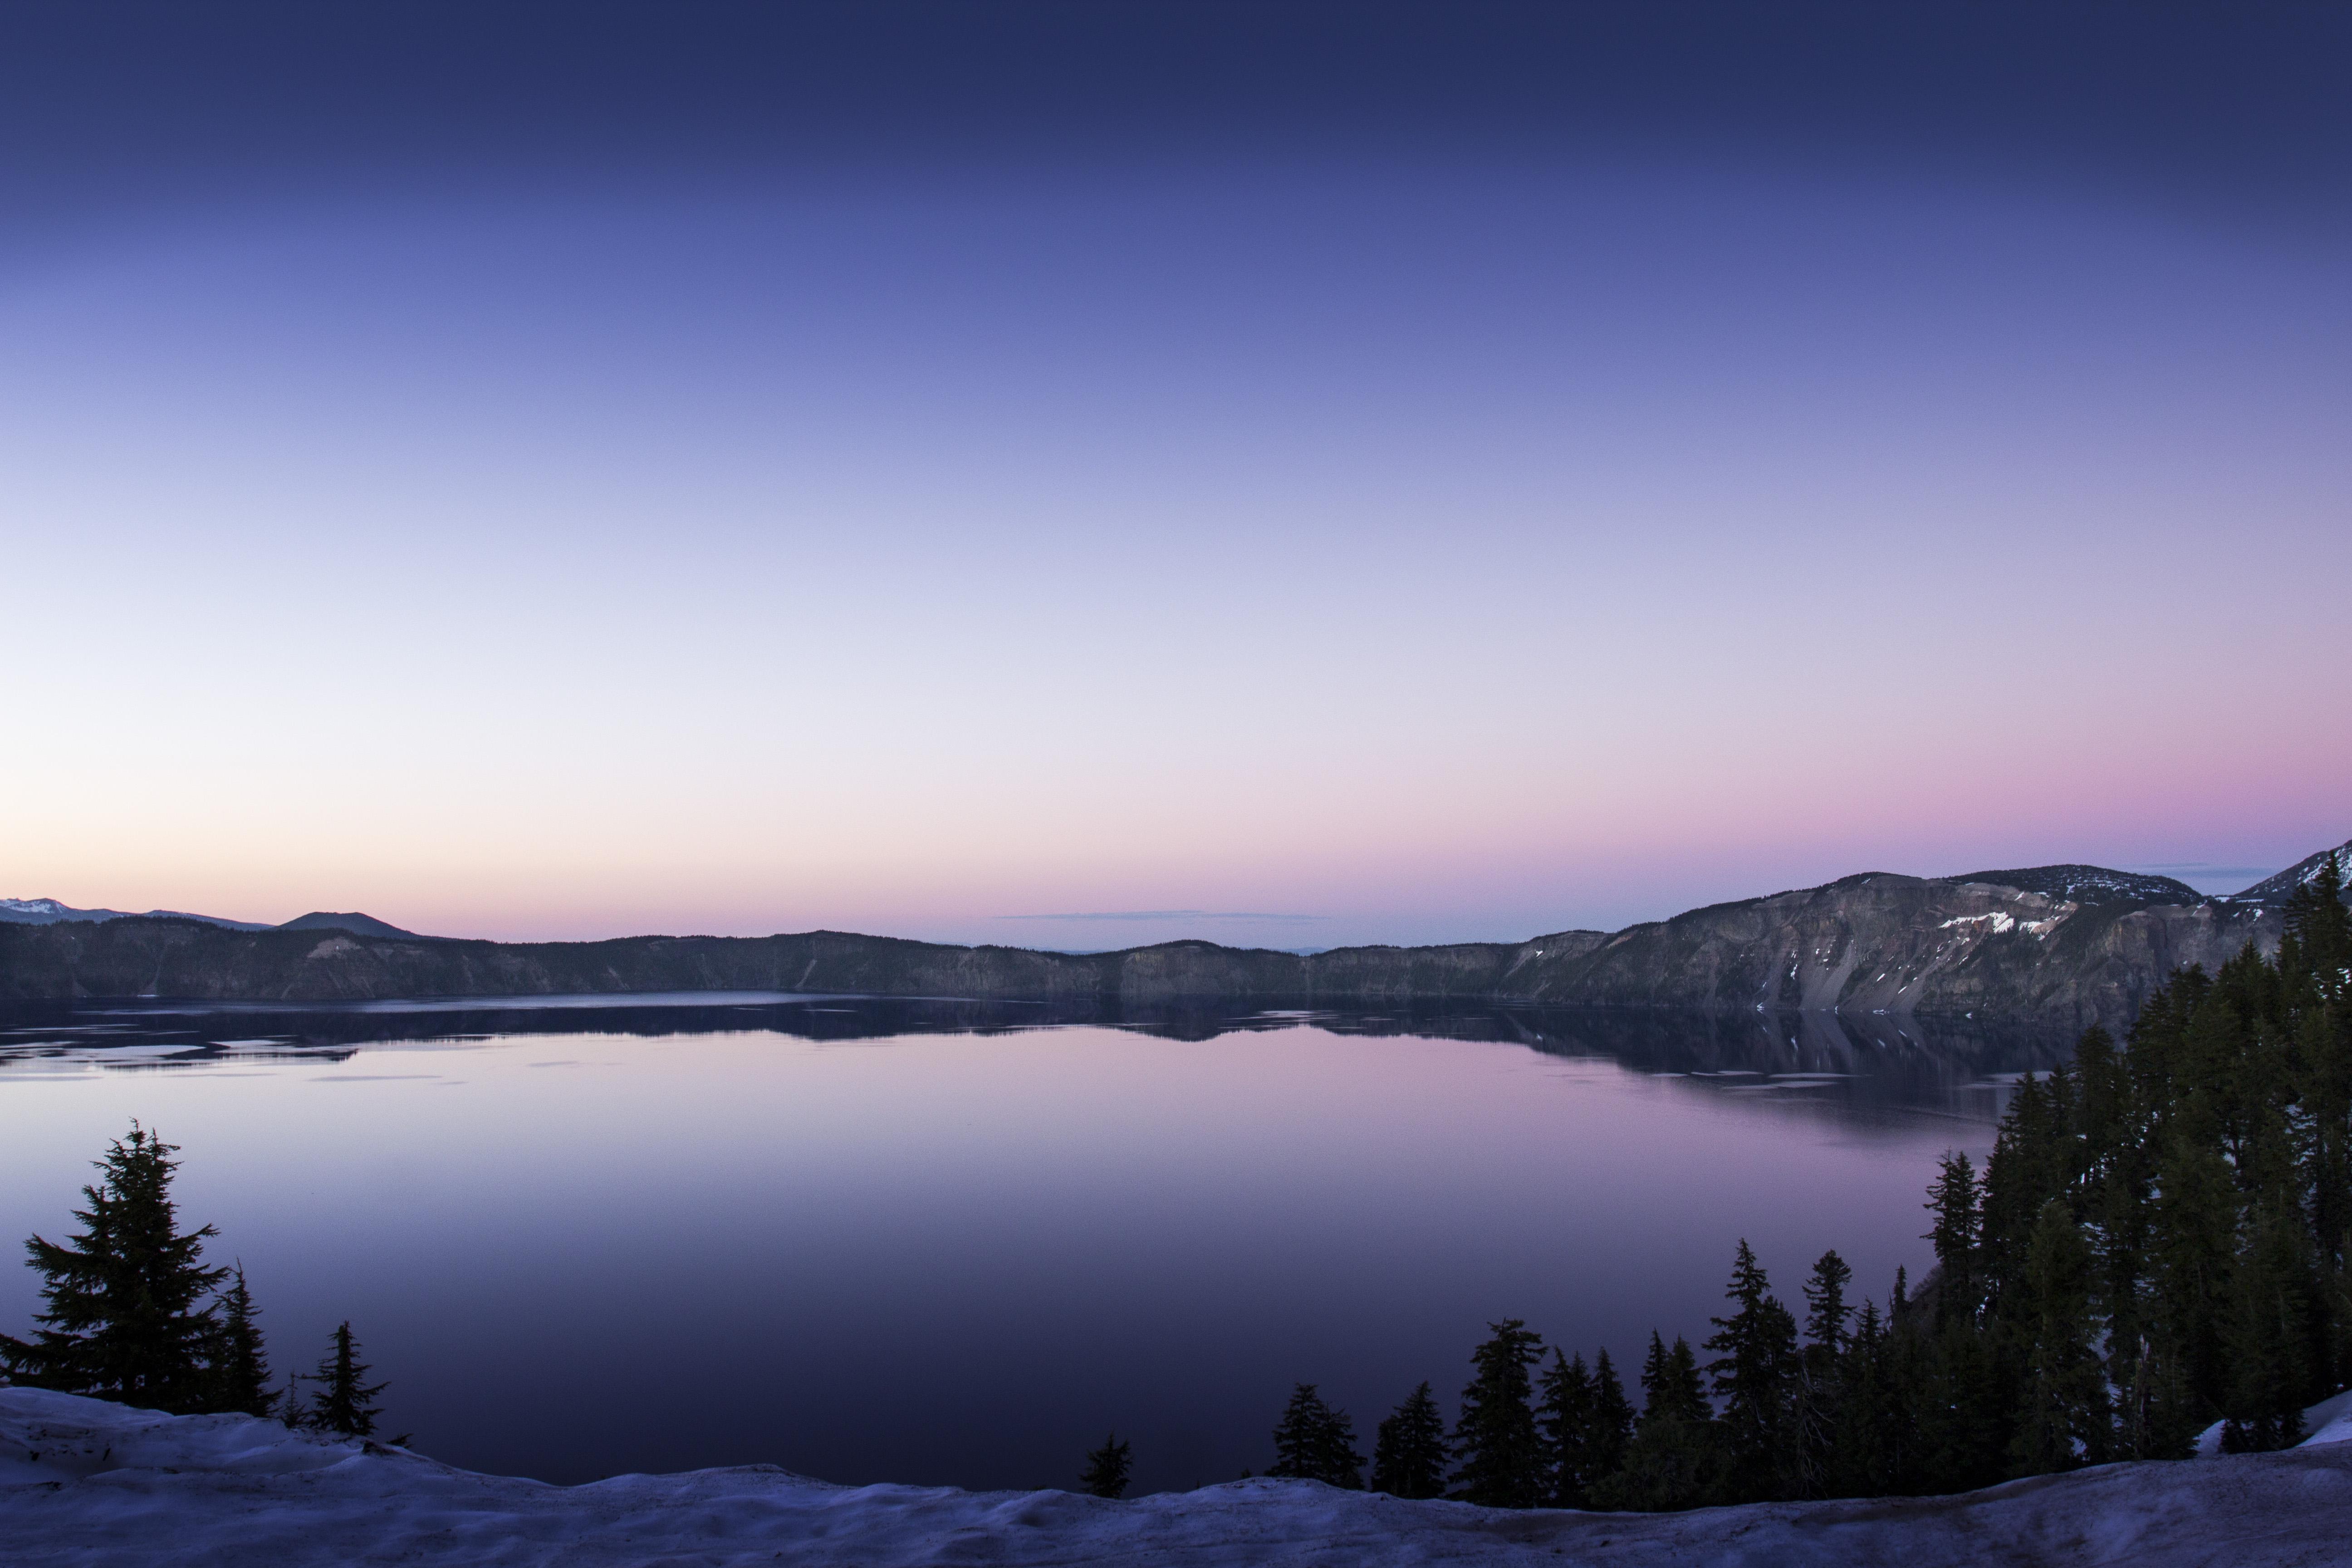 Sunset, crater lake, oregon photo